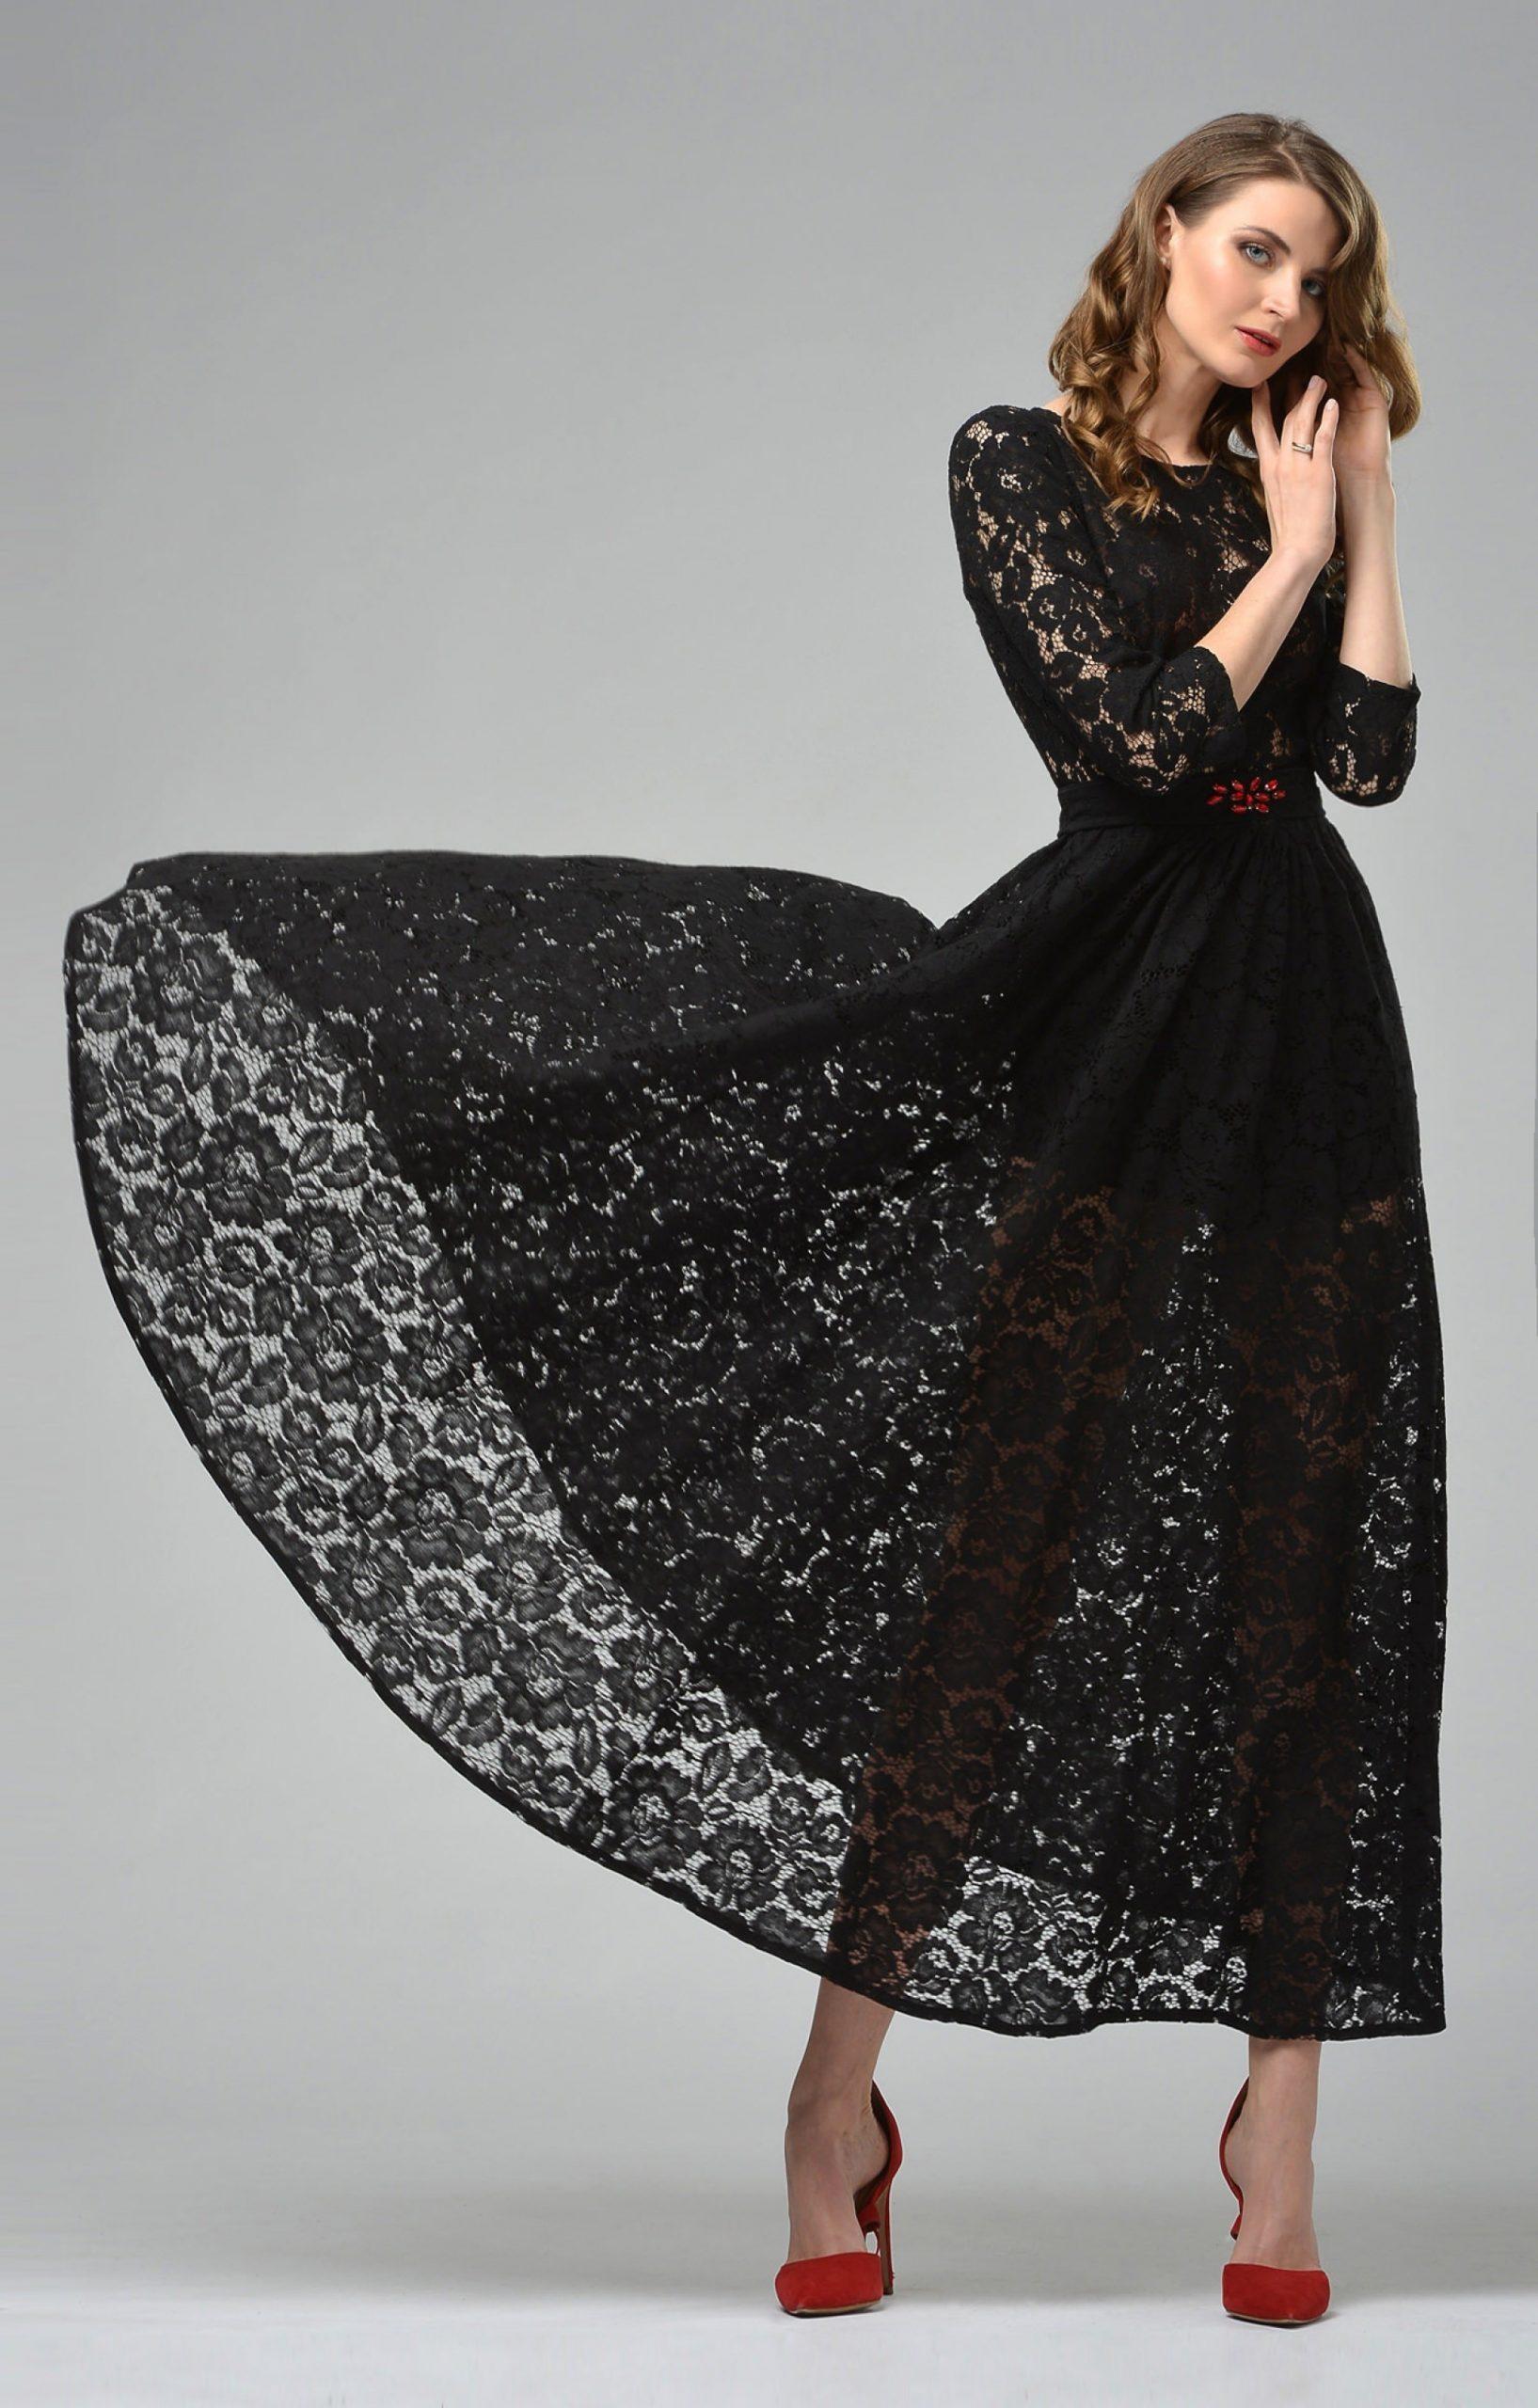 Formal Schön Abendkleid Von Zara Spezialgebiet17 Schön Abendkleid Von Zara Galerie